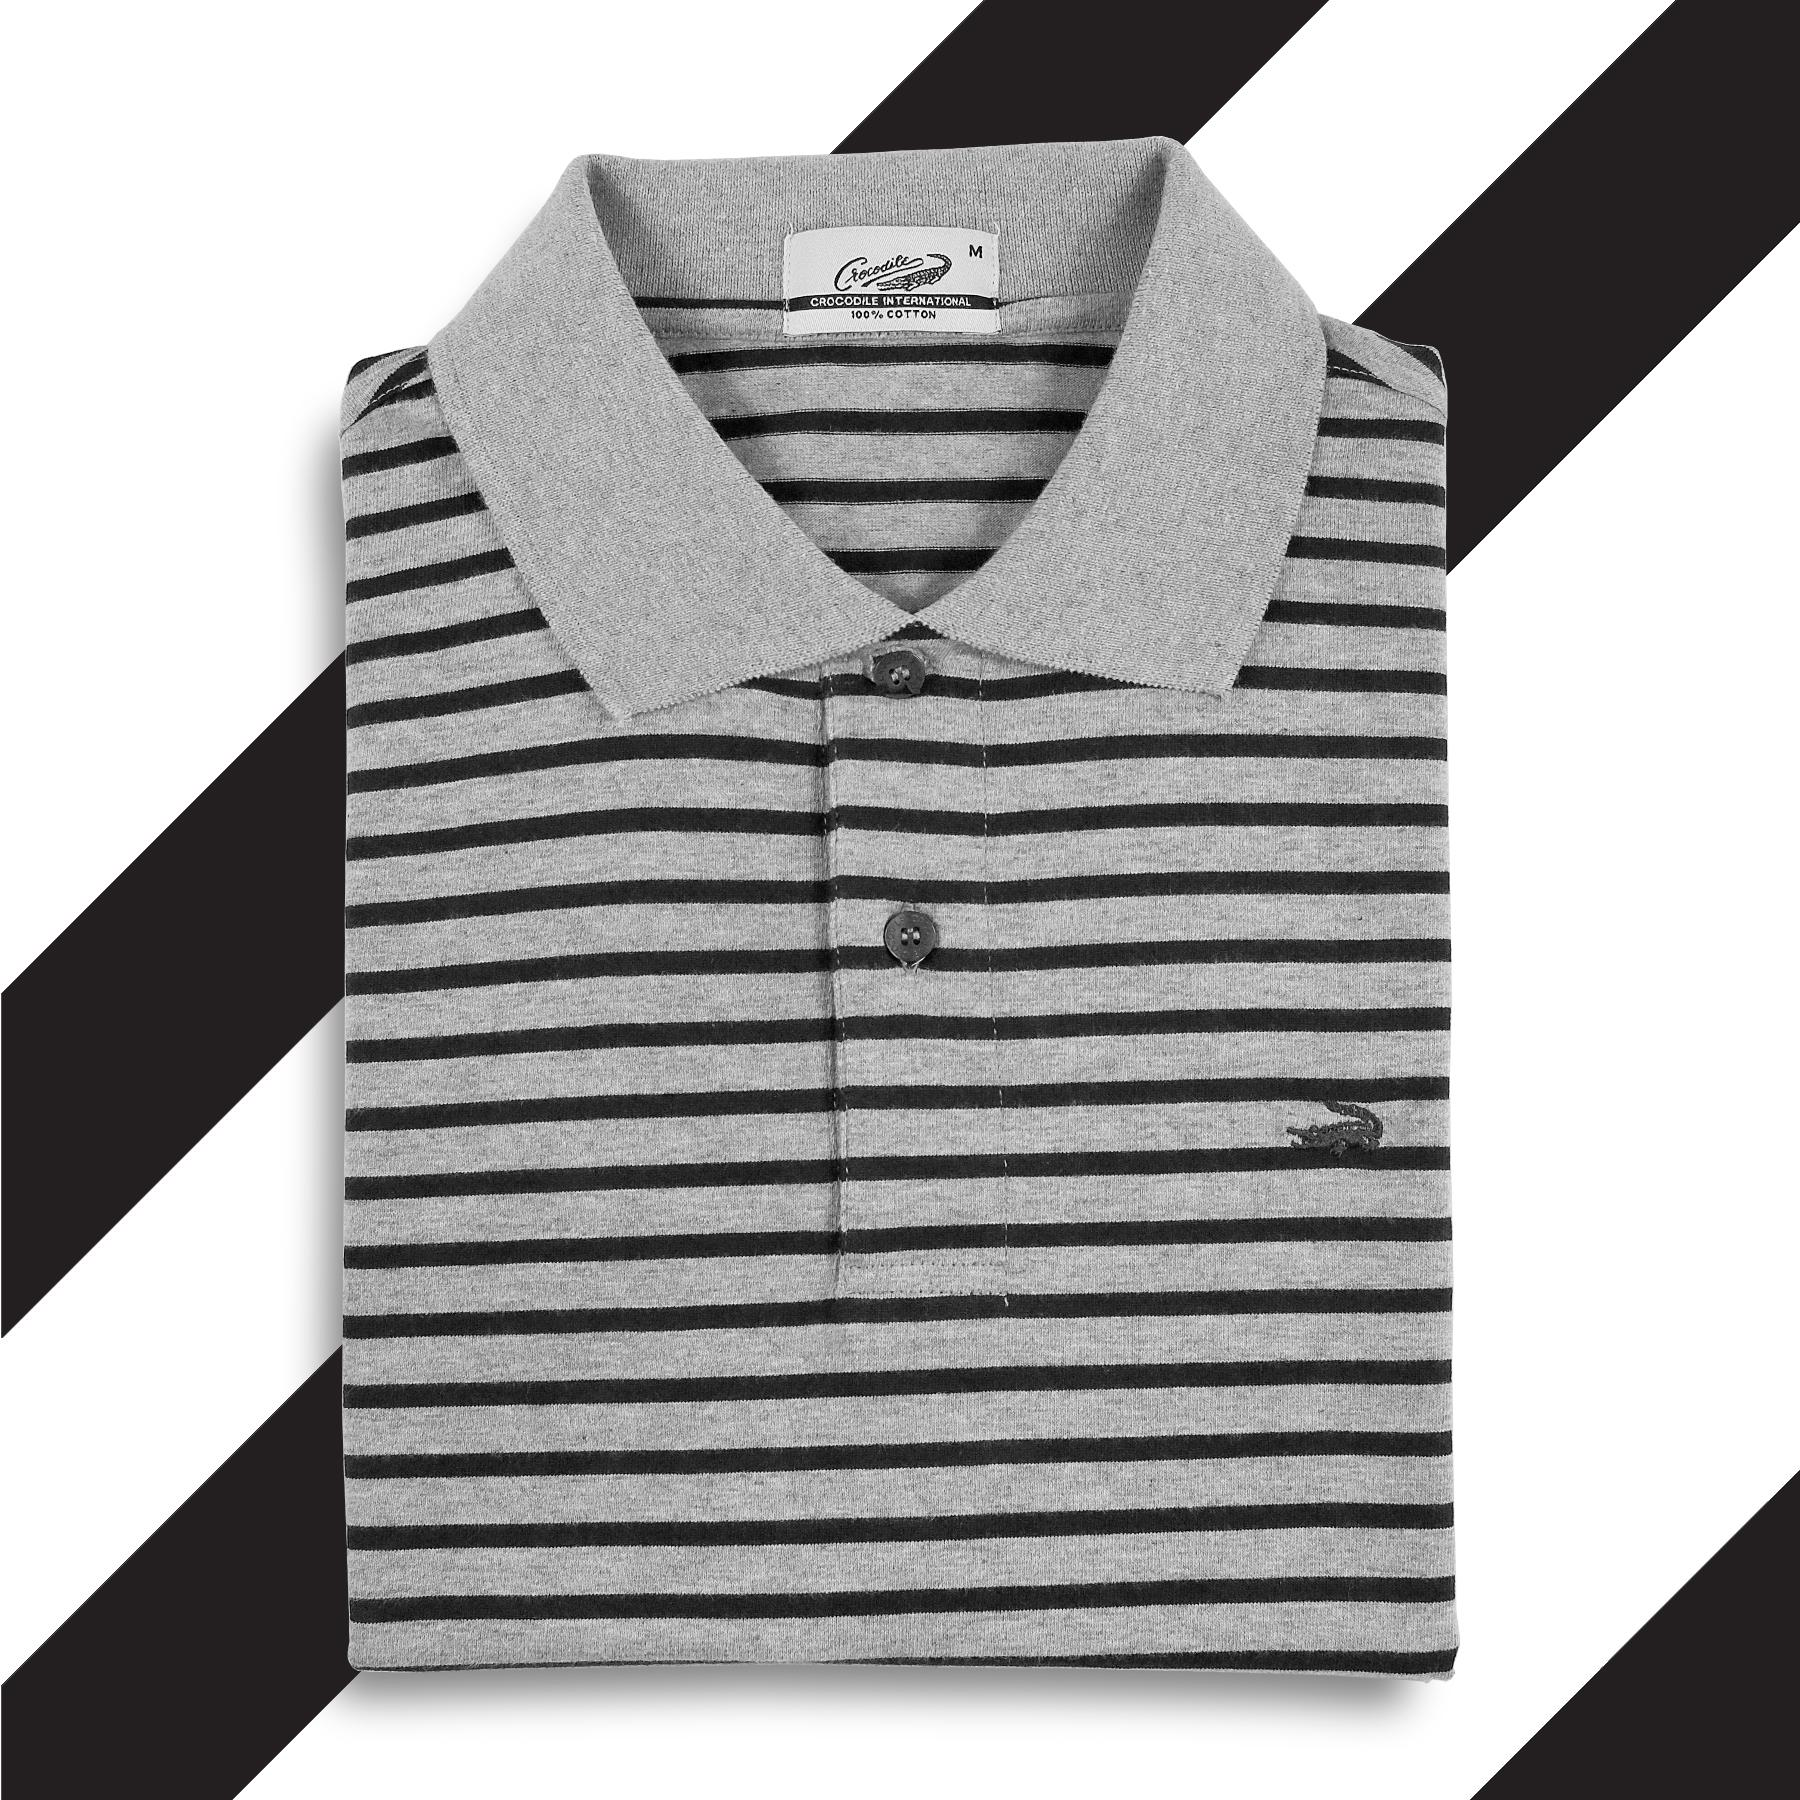 Jual Baju Polo Katun Murah Garansi Dan Berkualitas Id Store Clas Pria Crocodile Ori Men Shirt Slim Fit Dark Navy M Rp 459000 Palm Black